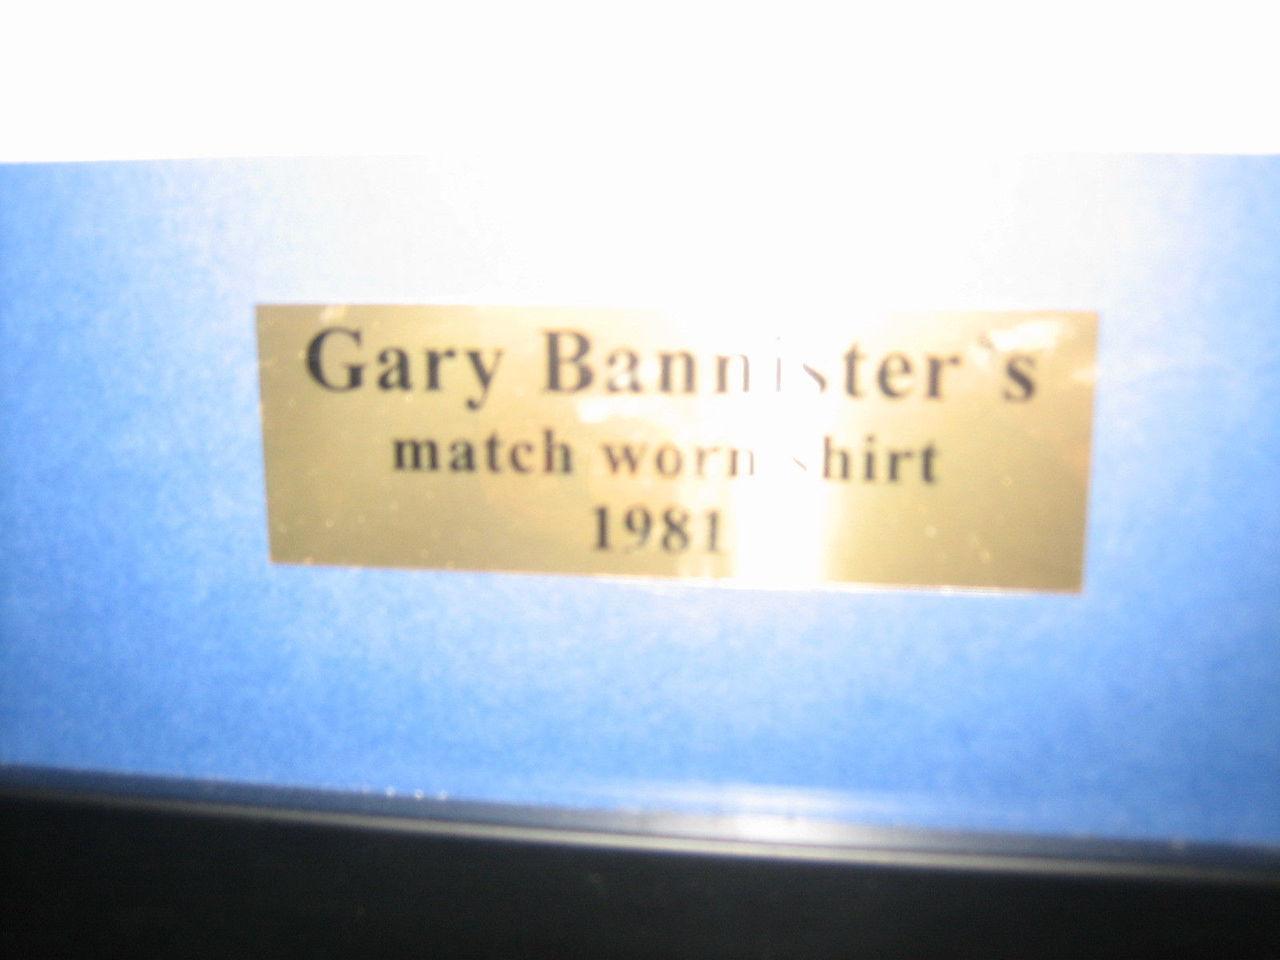 sheffield_wednesday_70s_gary_bannister_match_wor-e.jpg